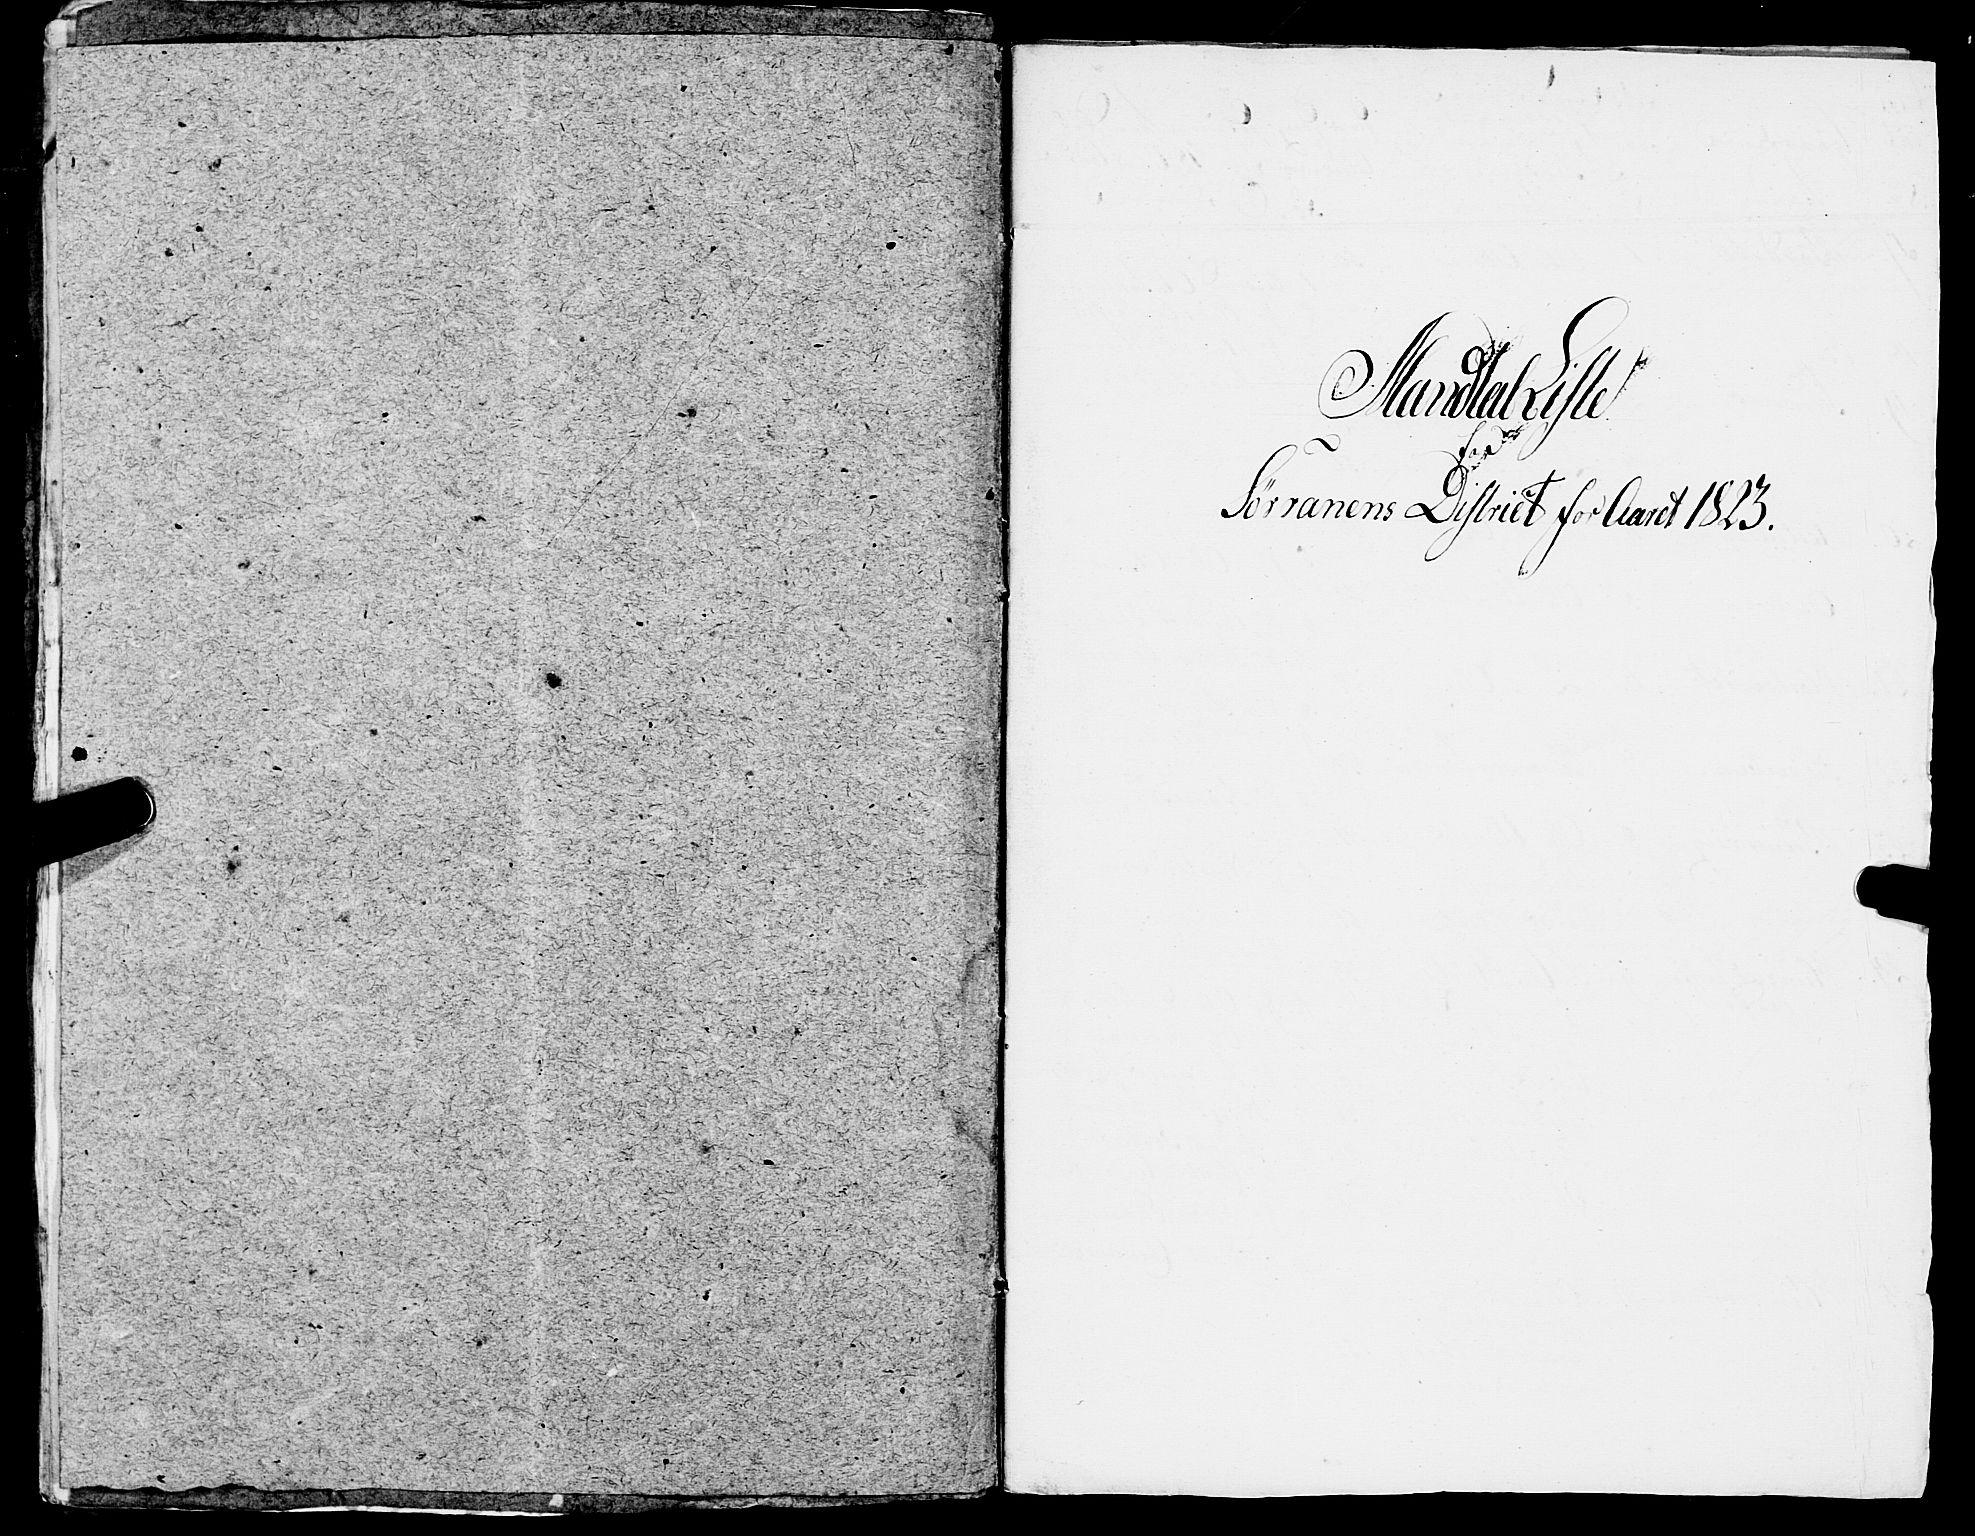 SAT, Fylkesmannen i Nordland, R/RA/L0013: Innrulleringsmanntall for Hemnes (Sør-Rana), 1809-1835, p. 152